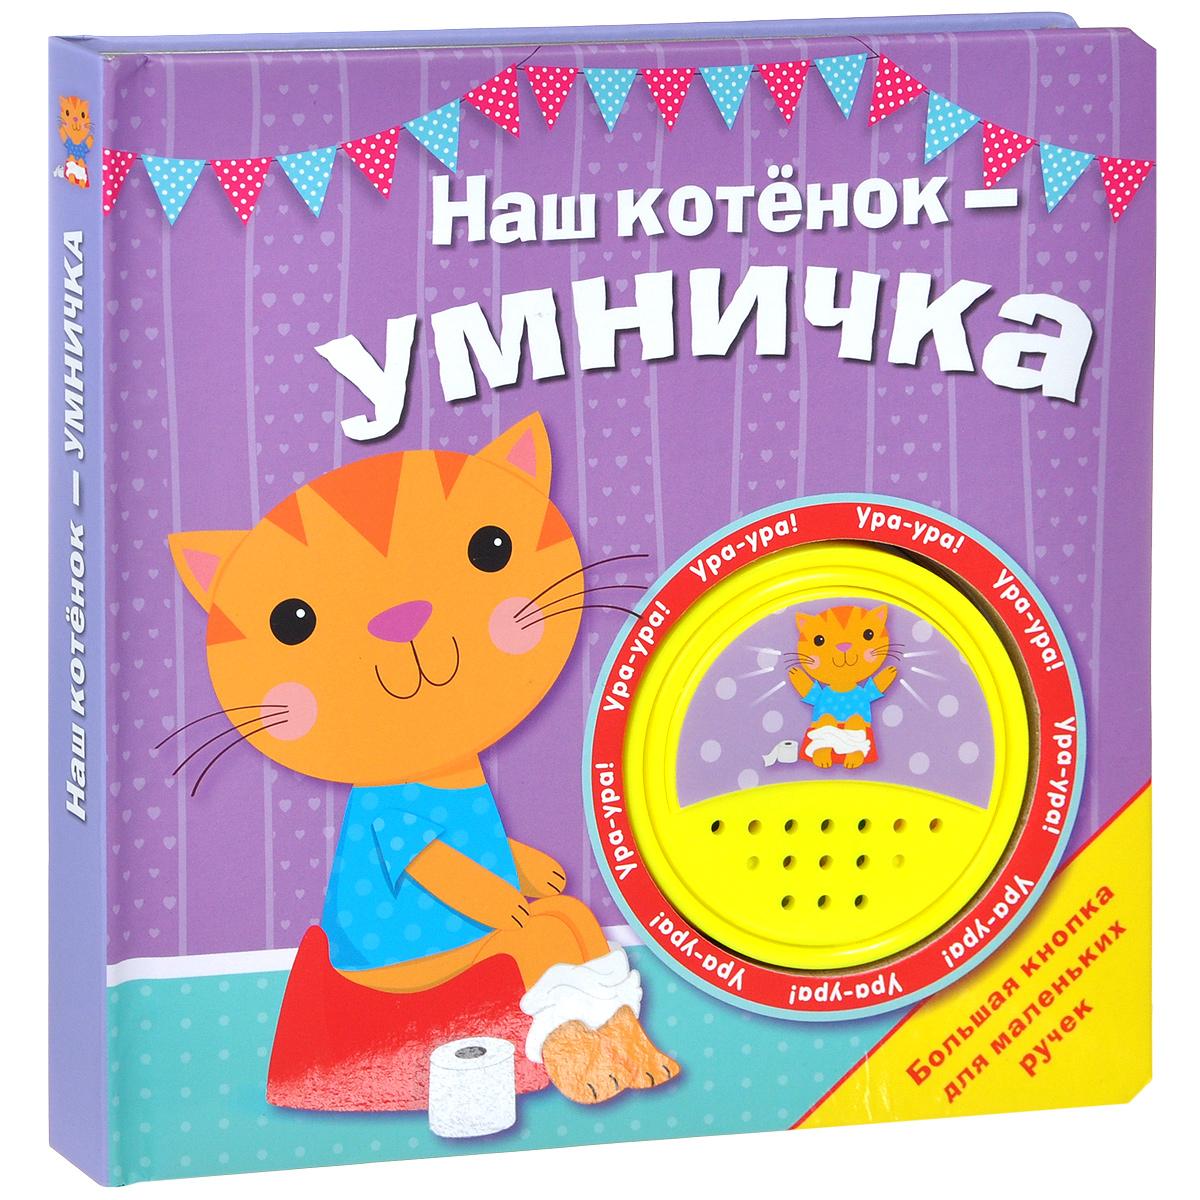 Наш котенок - умничка. Книжка-игрушка